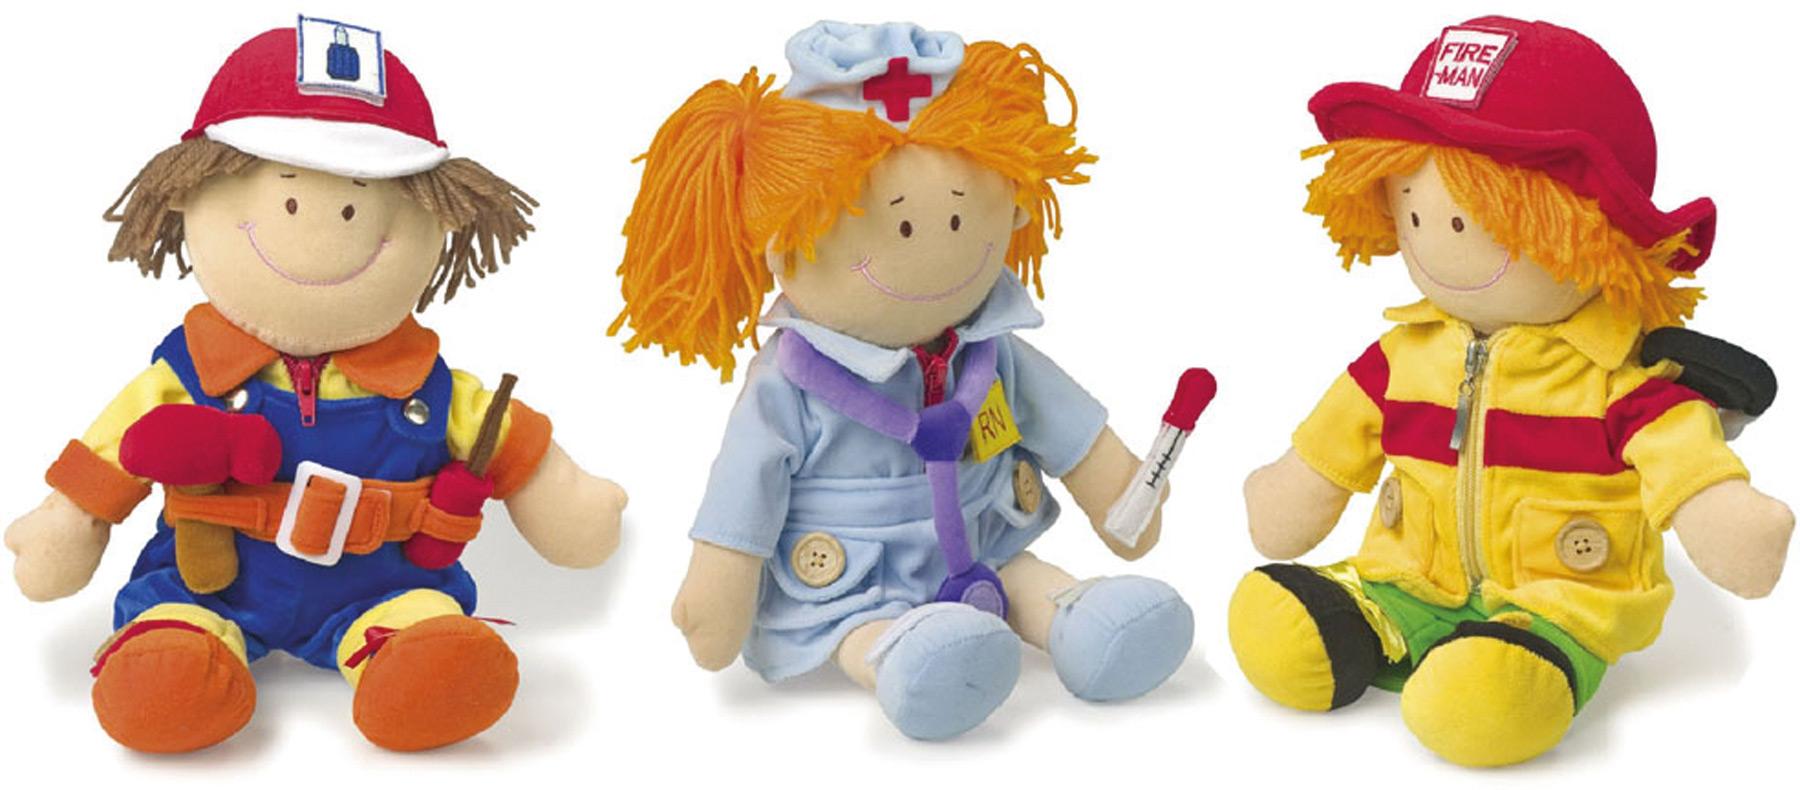 Bambole in stoffa Lavoratori